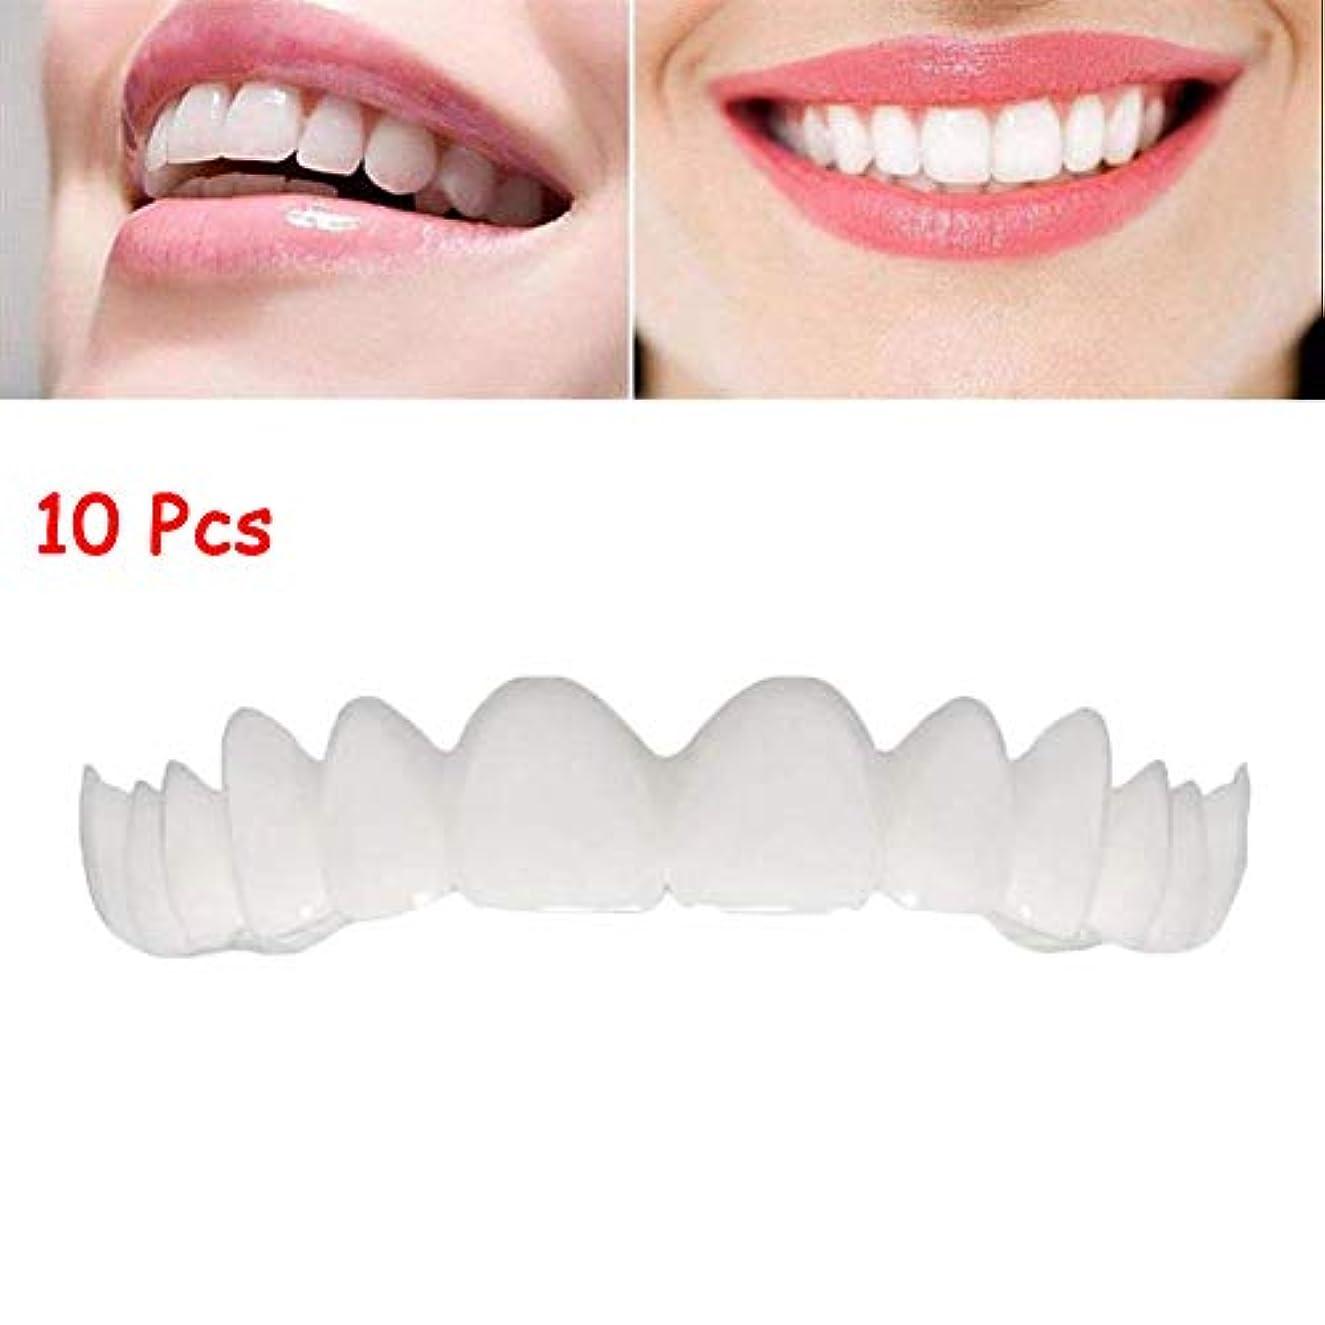 戦艦手数料大陸10本の一時的な化粧品の歯義歯歯の化粧品模擬装具アッパーブレースホワイトニング歯スナップキャップインスタント快適なフレックスパーフェクトベニア